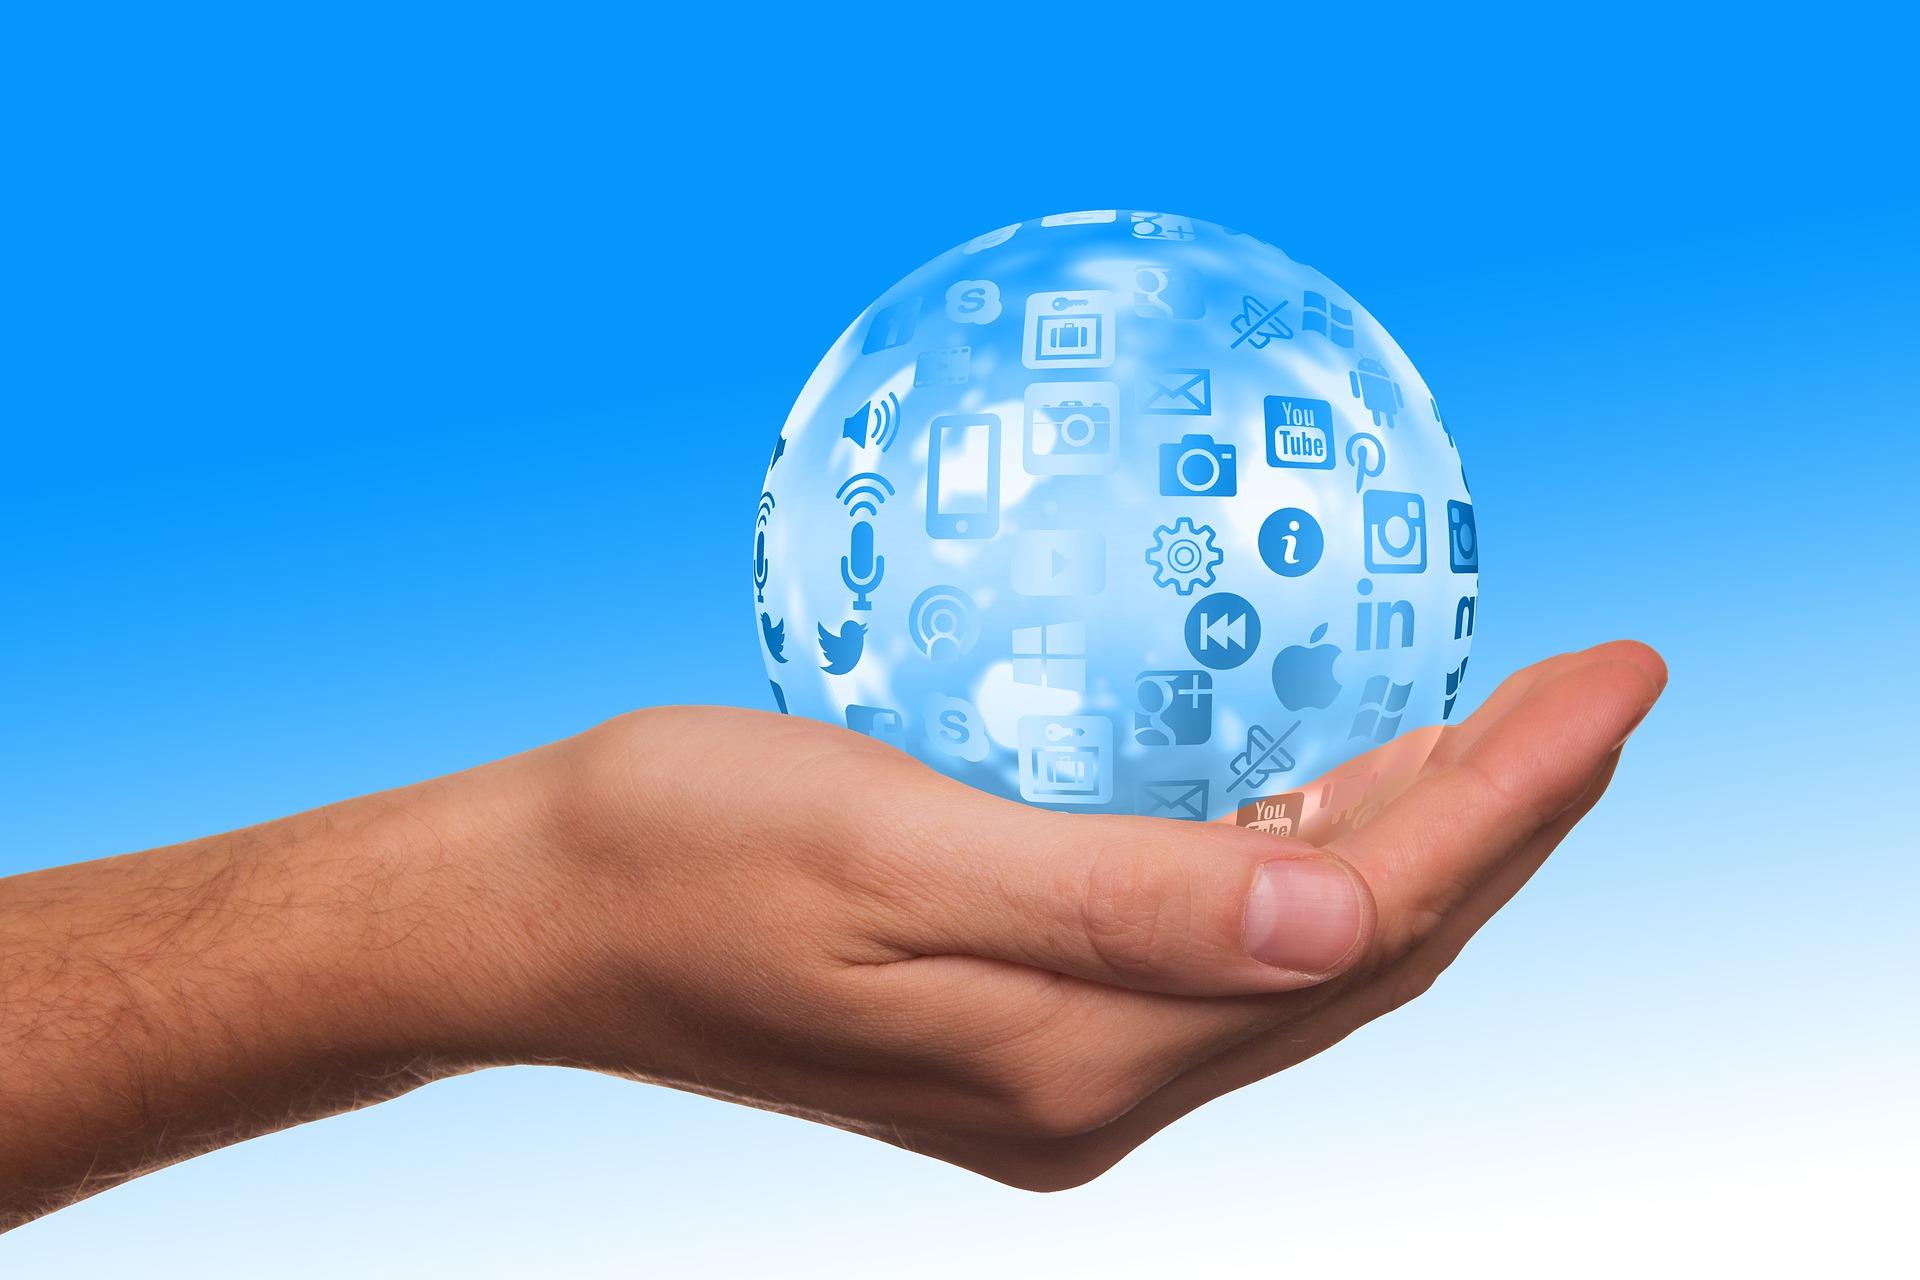 インターネット普及率の世界的な格差から生まれる問題に対する解決策